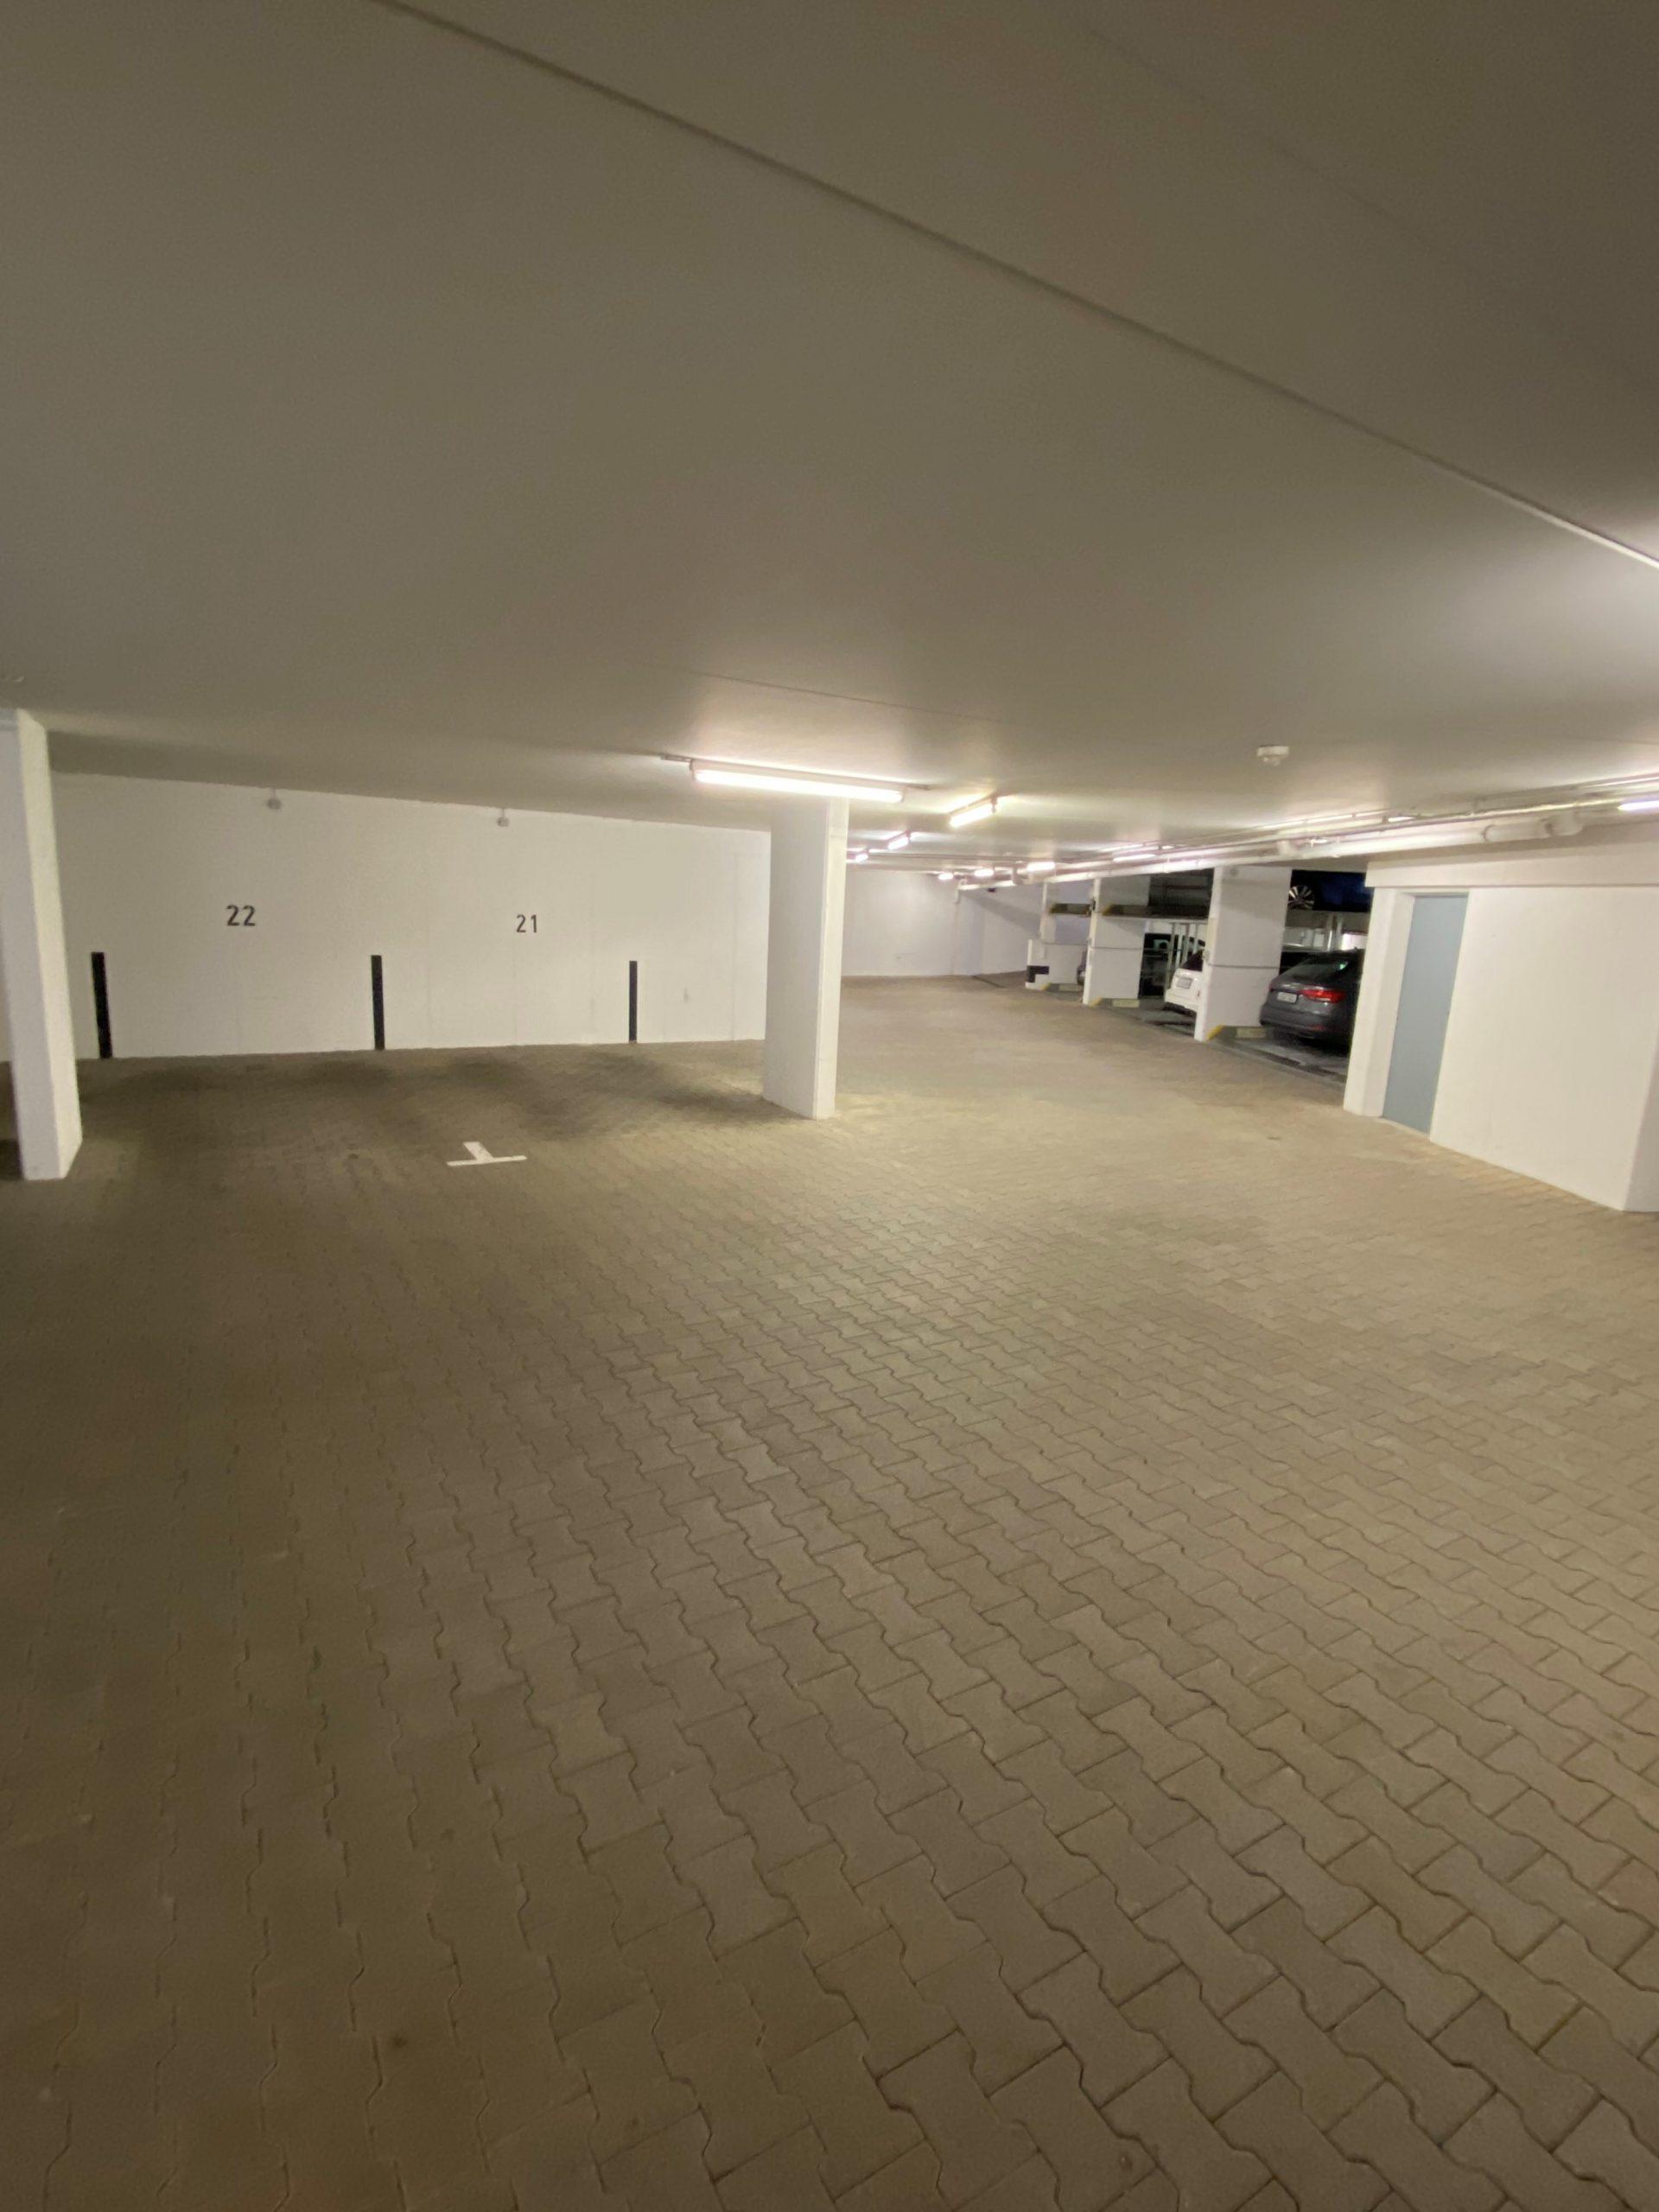 Garage Reinigung Tiefgarage Parkplatz Stellplatz Autoreinigung Stuttgart